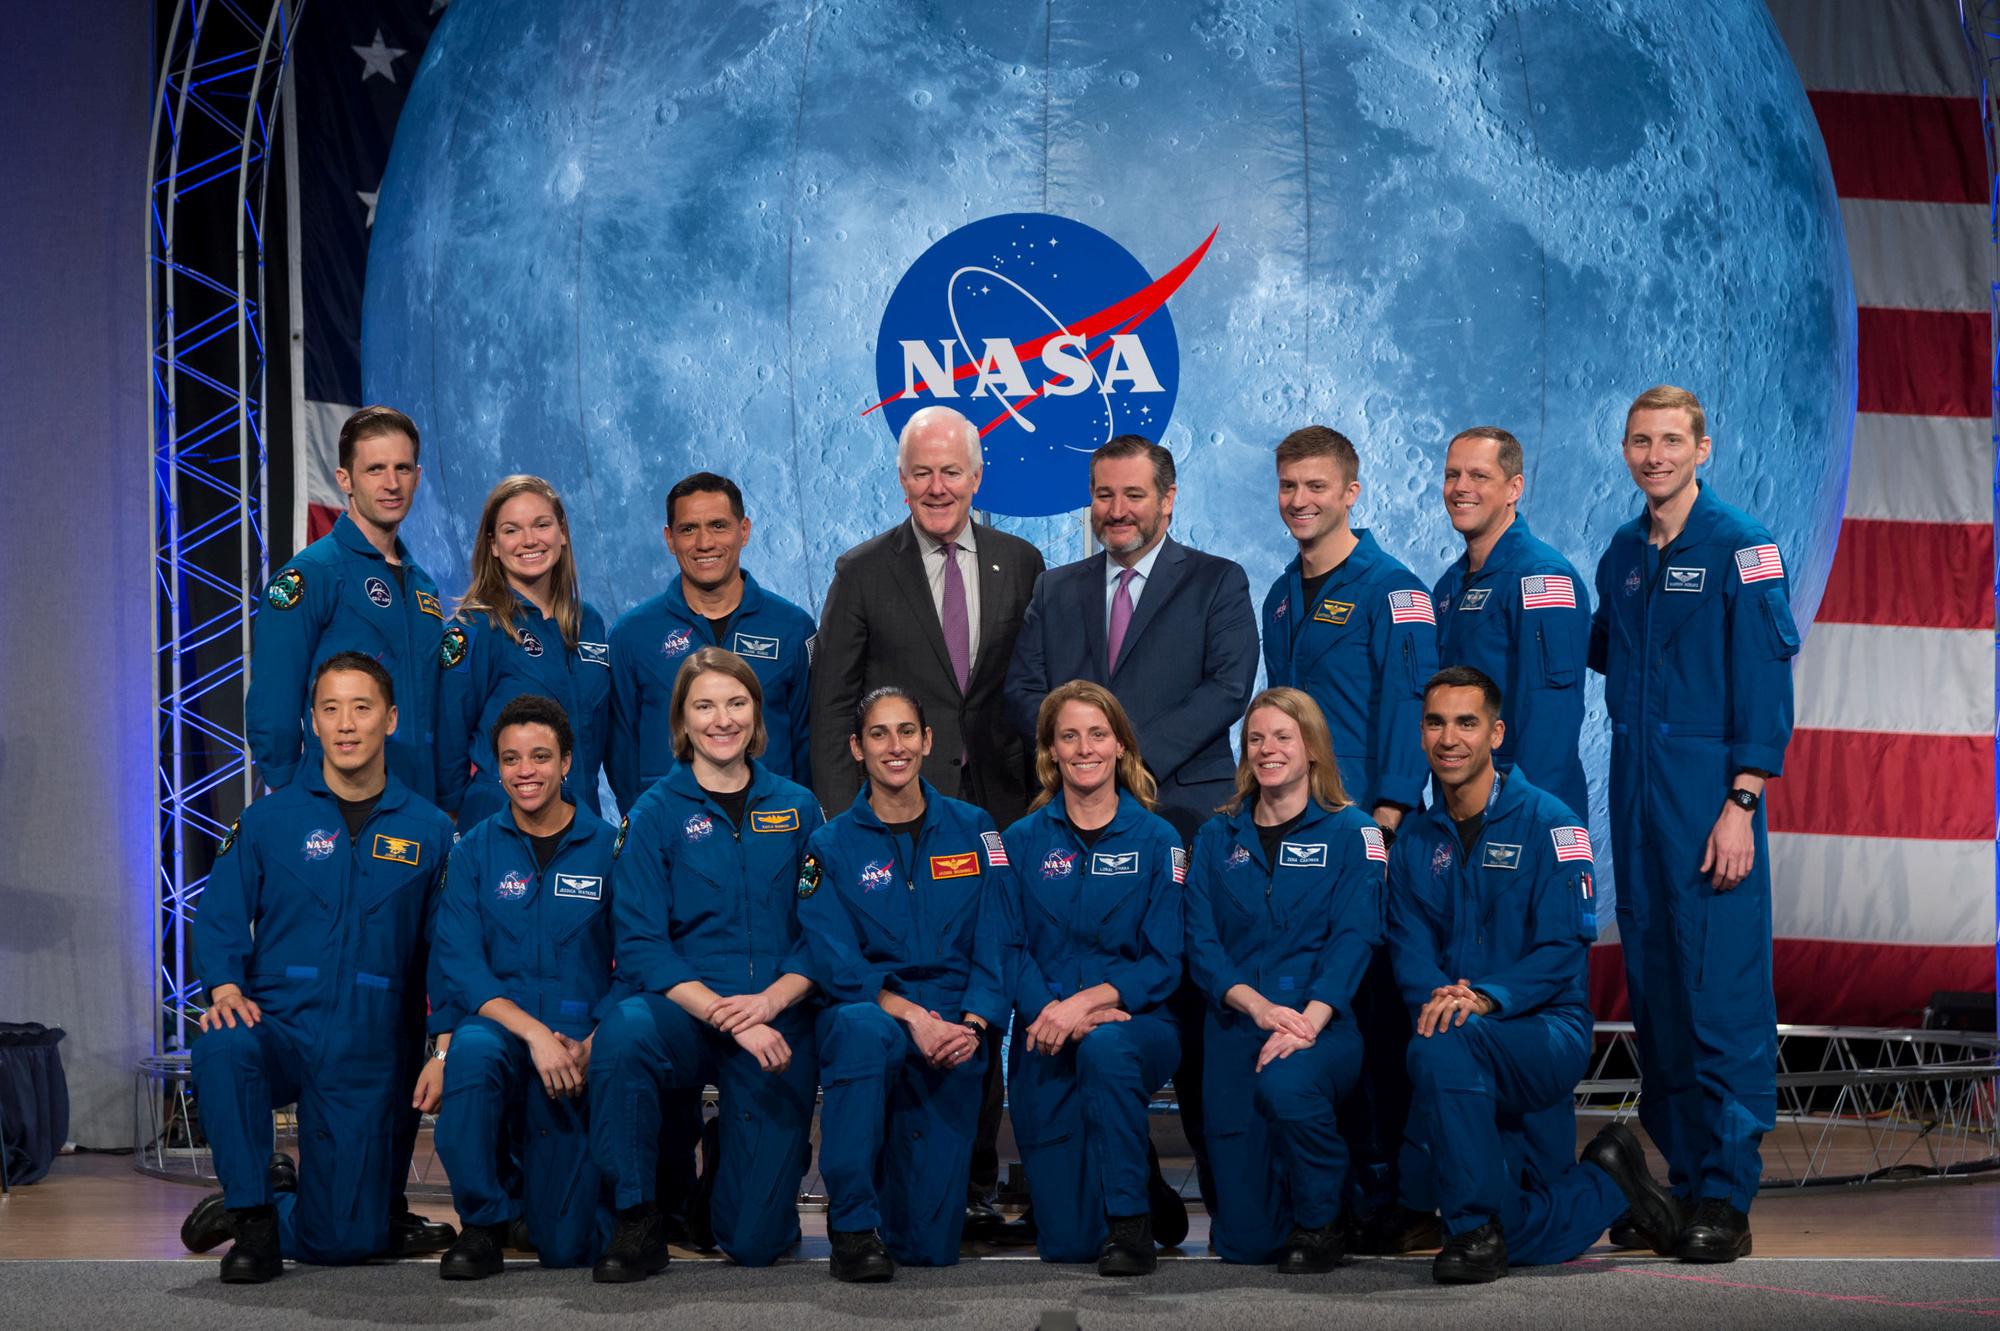 Jasmin Moghbeli entourée des autres astronautes de la NASA. , reuters